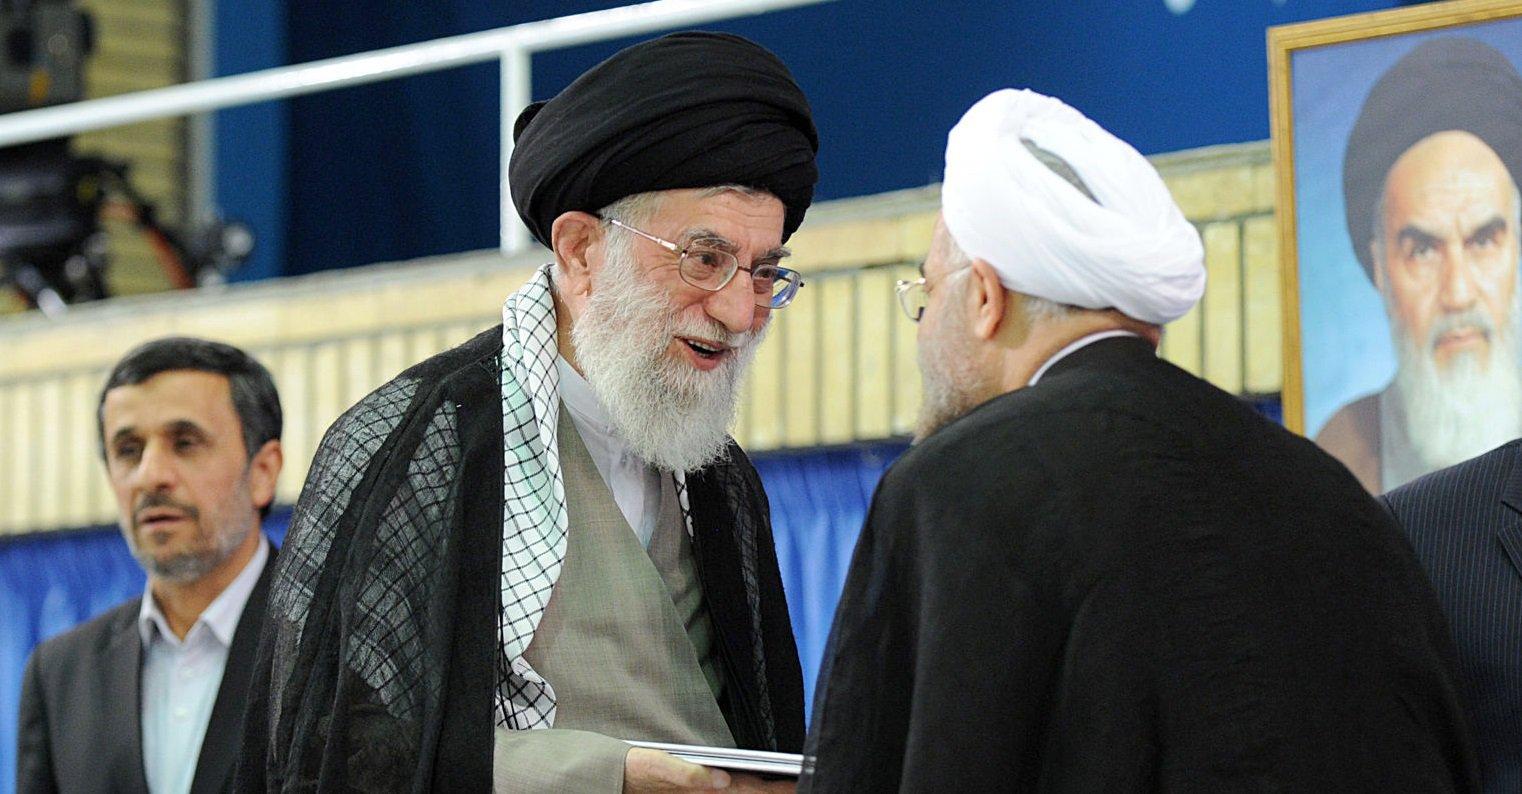 صورة إيران تُهدد إسرائيل منذ ثورة الخميني وهي أجبن من أن تحارب تركيا